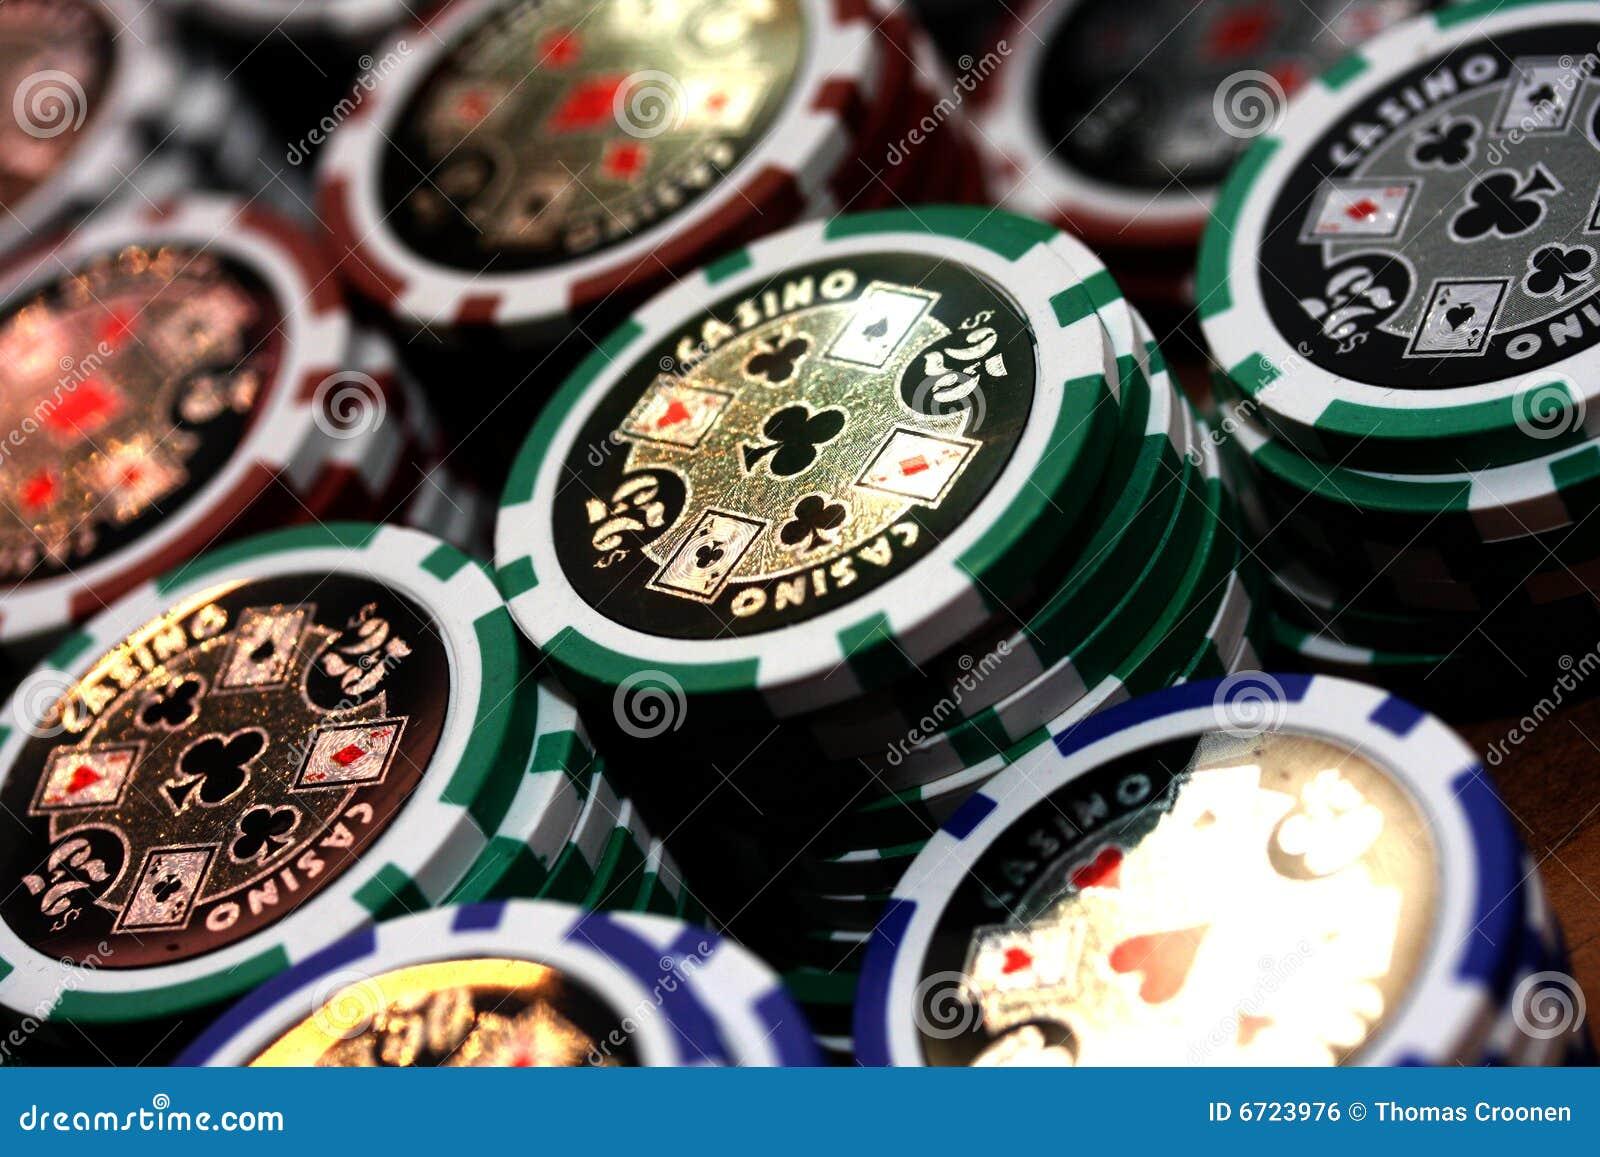 Poker 10 free